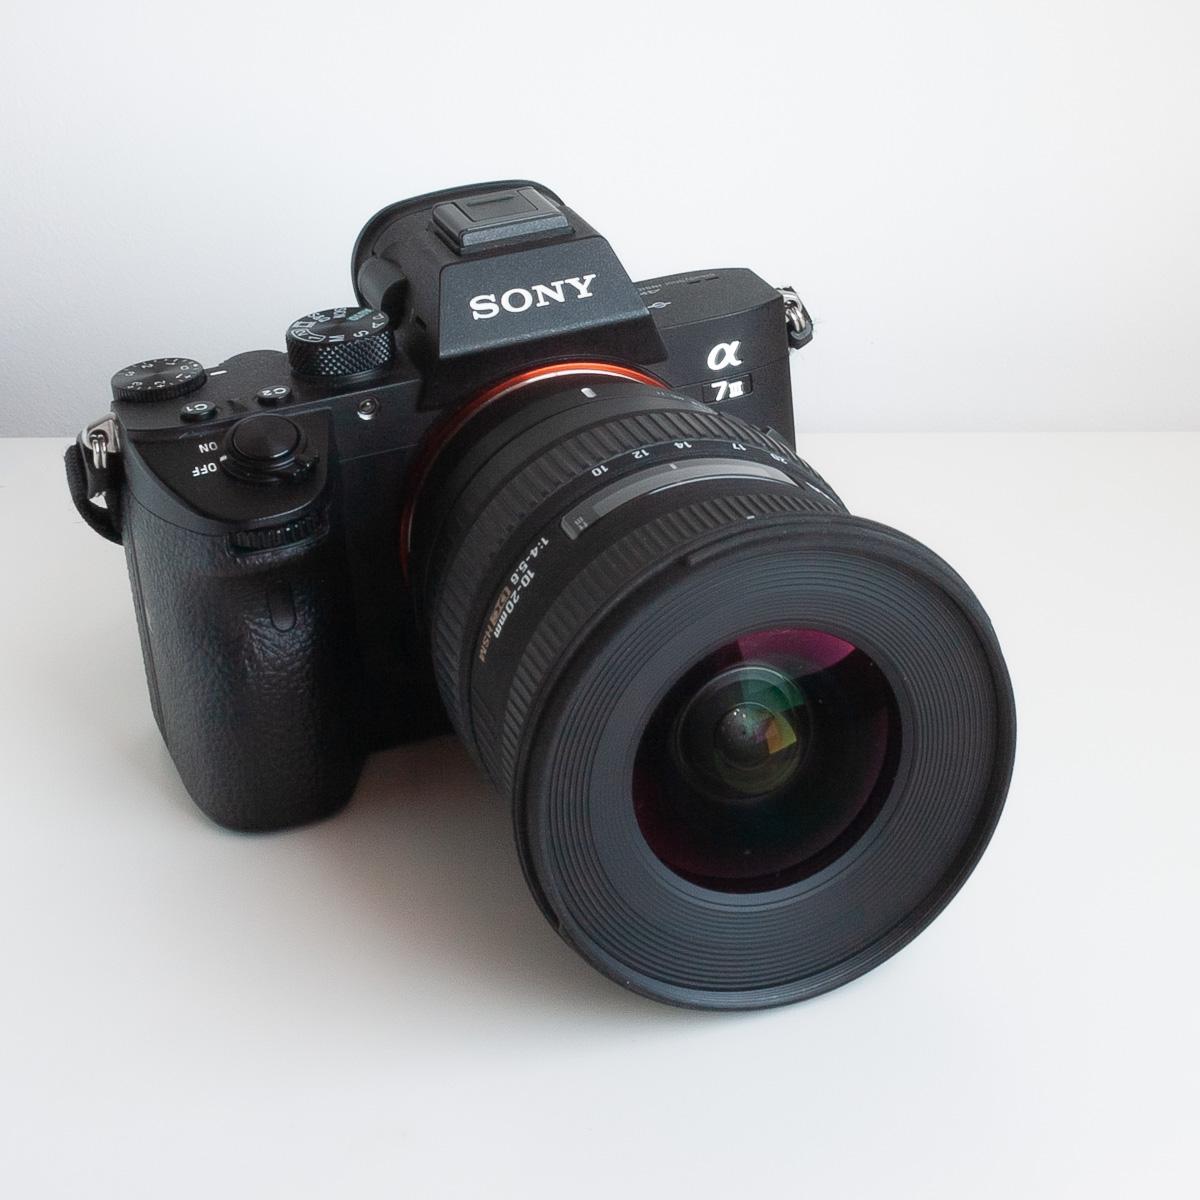 Adaptador Sigma MC-11 montado en una Sony A7 III y la lente Sigma 10-20mm f4-5.6